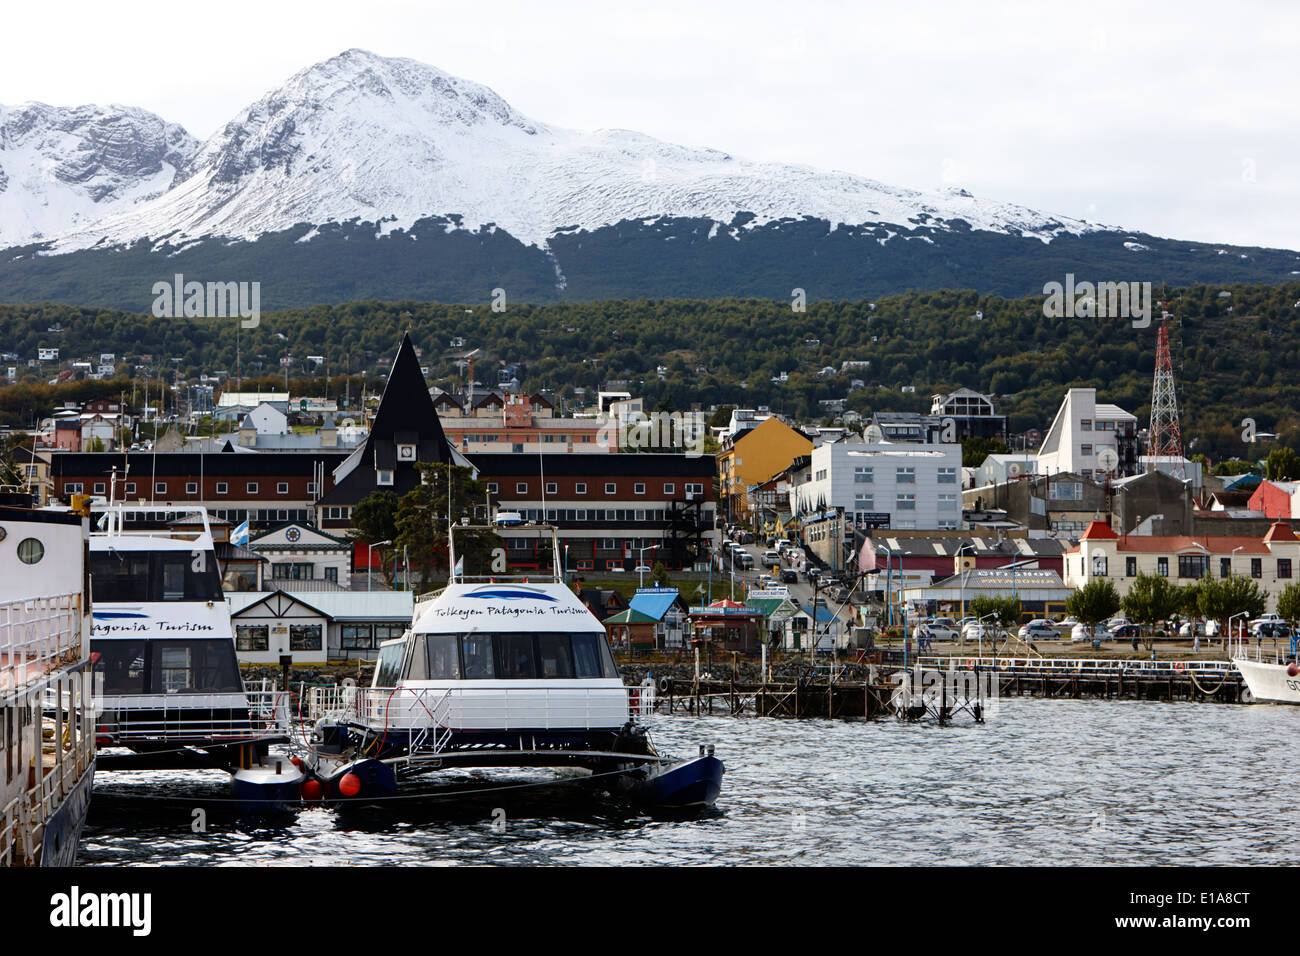 Port d'Ushuaïa avec croisière touristique et bateaux court voyage Argentine Photo Stock